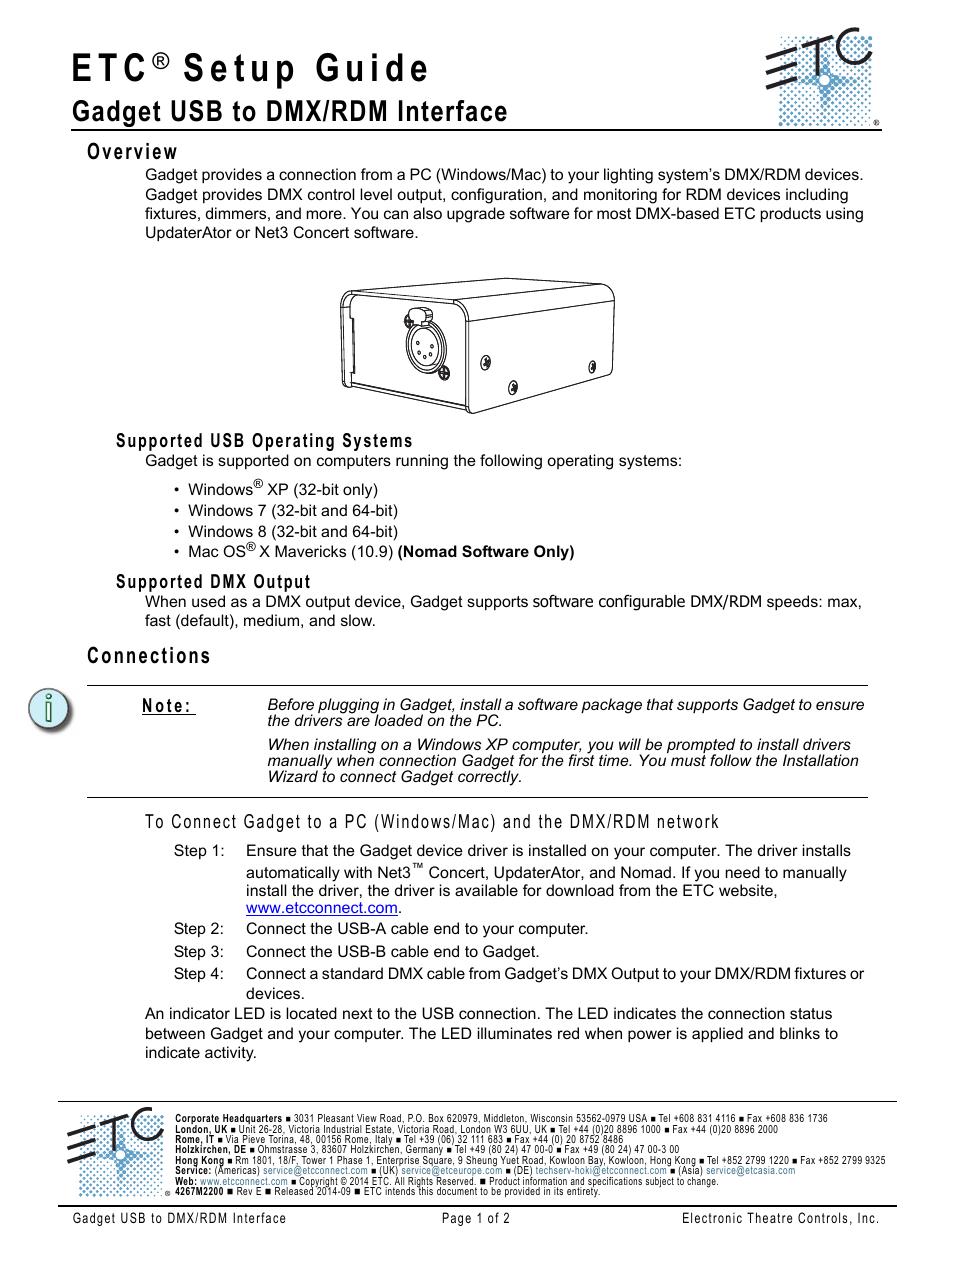 ETC Gadget USB to DMX Interface Setup Guide (Rev E) User Manual | 2